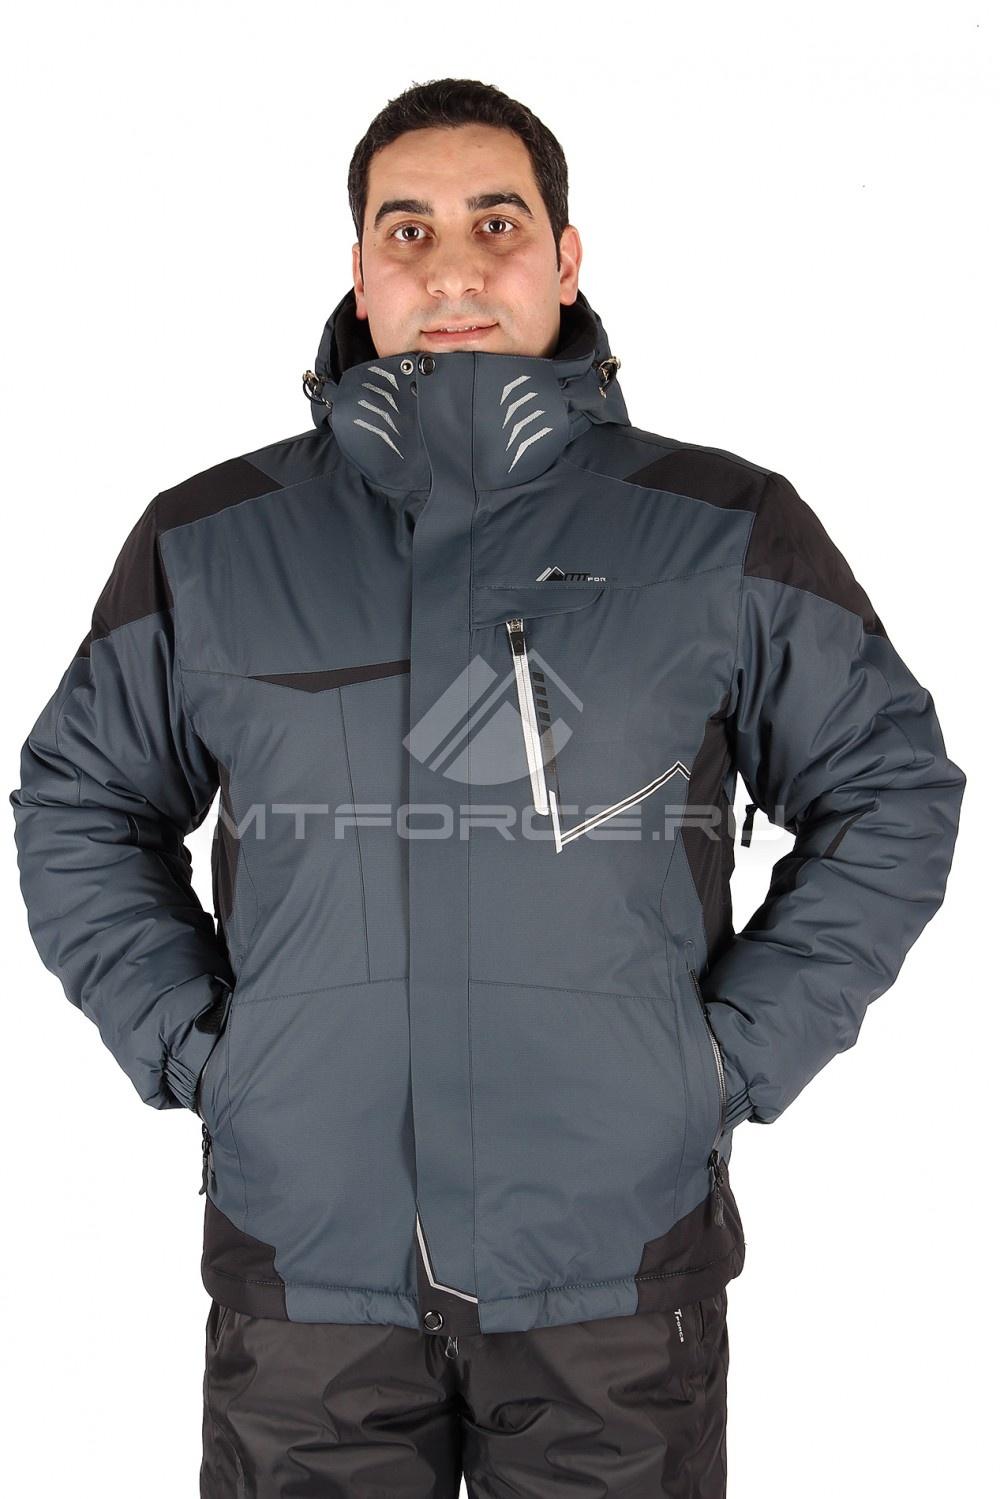 Купить                                  оптом Куртка горнолыжная мужская темно-серого цвета 1555TC